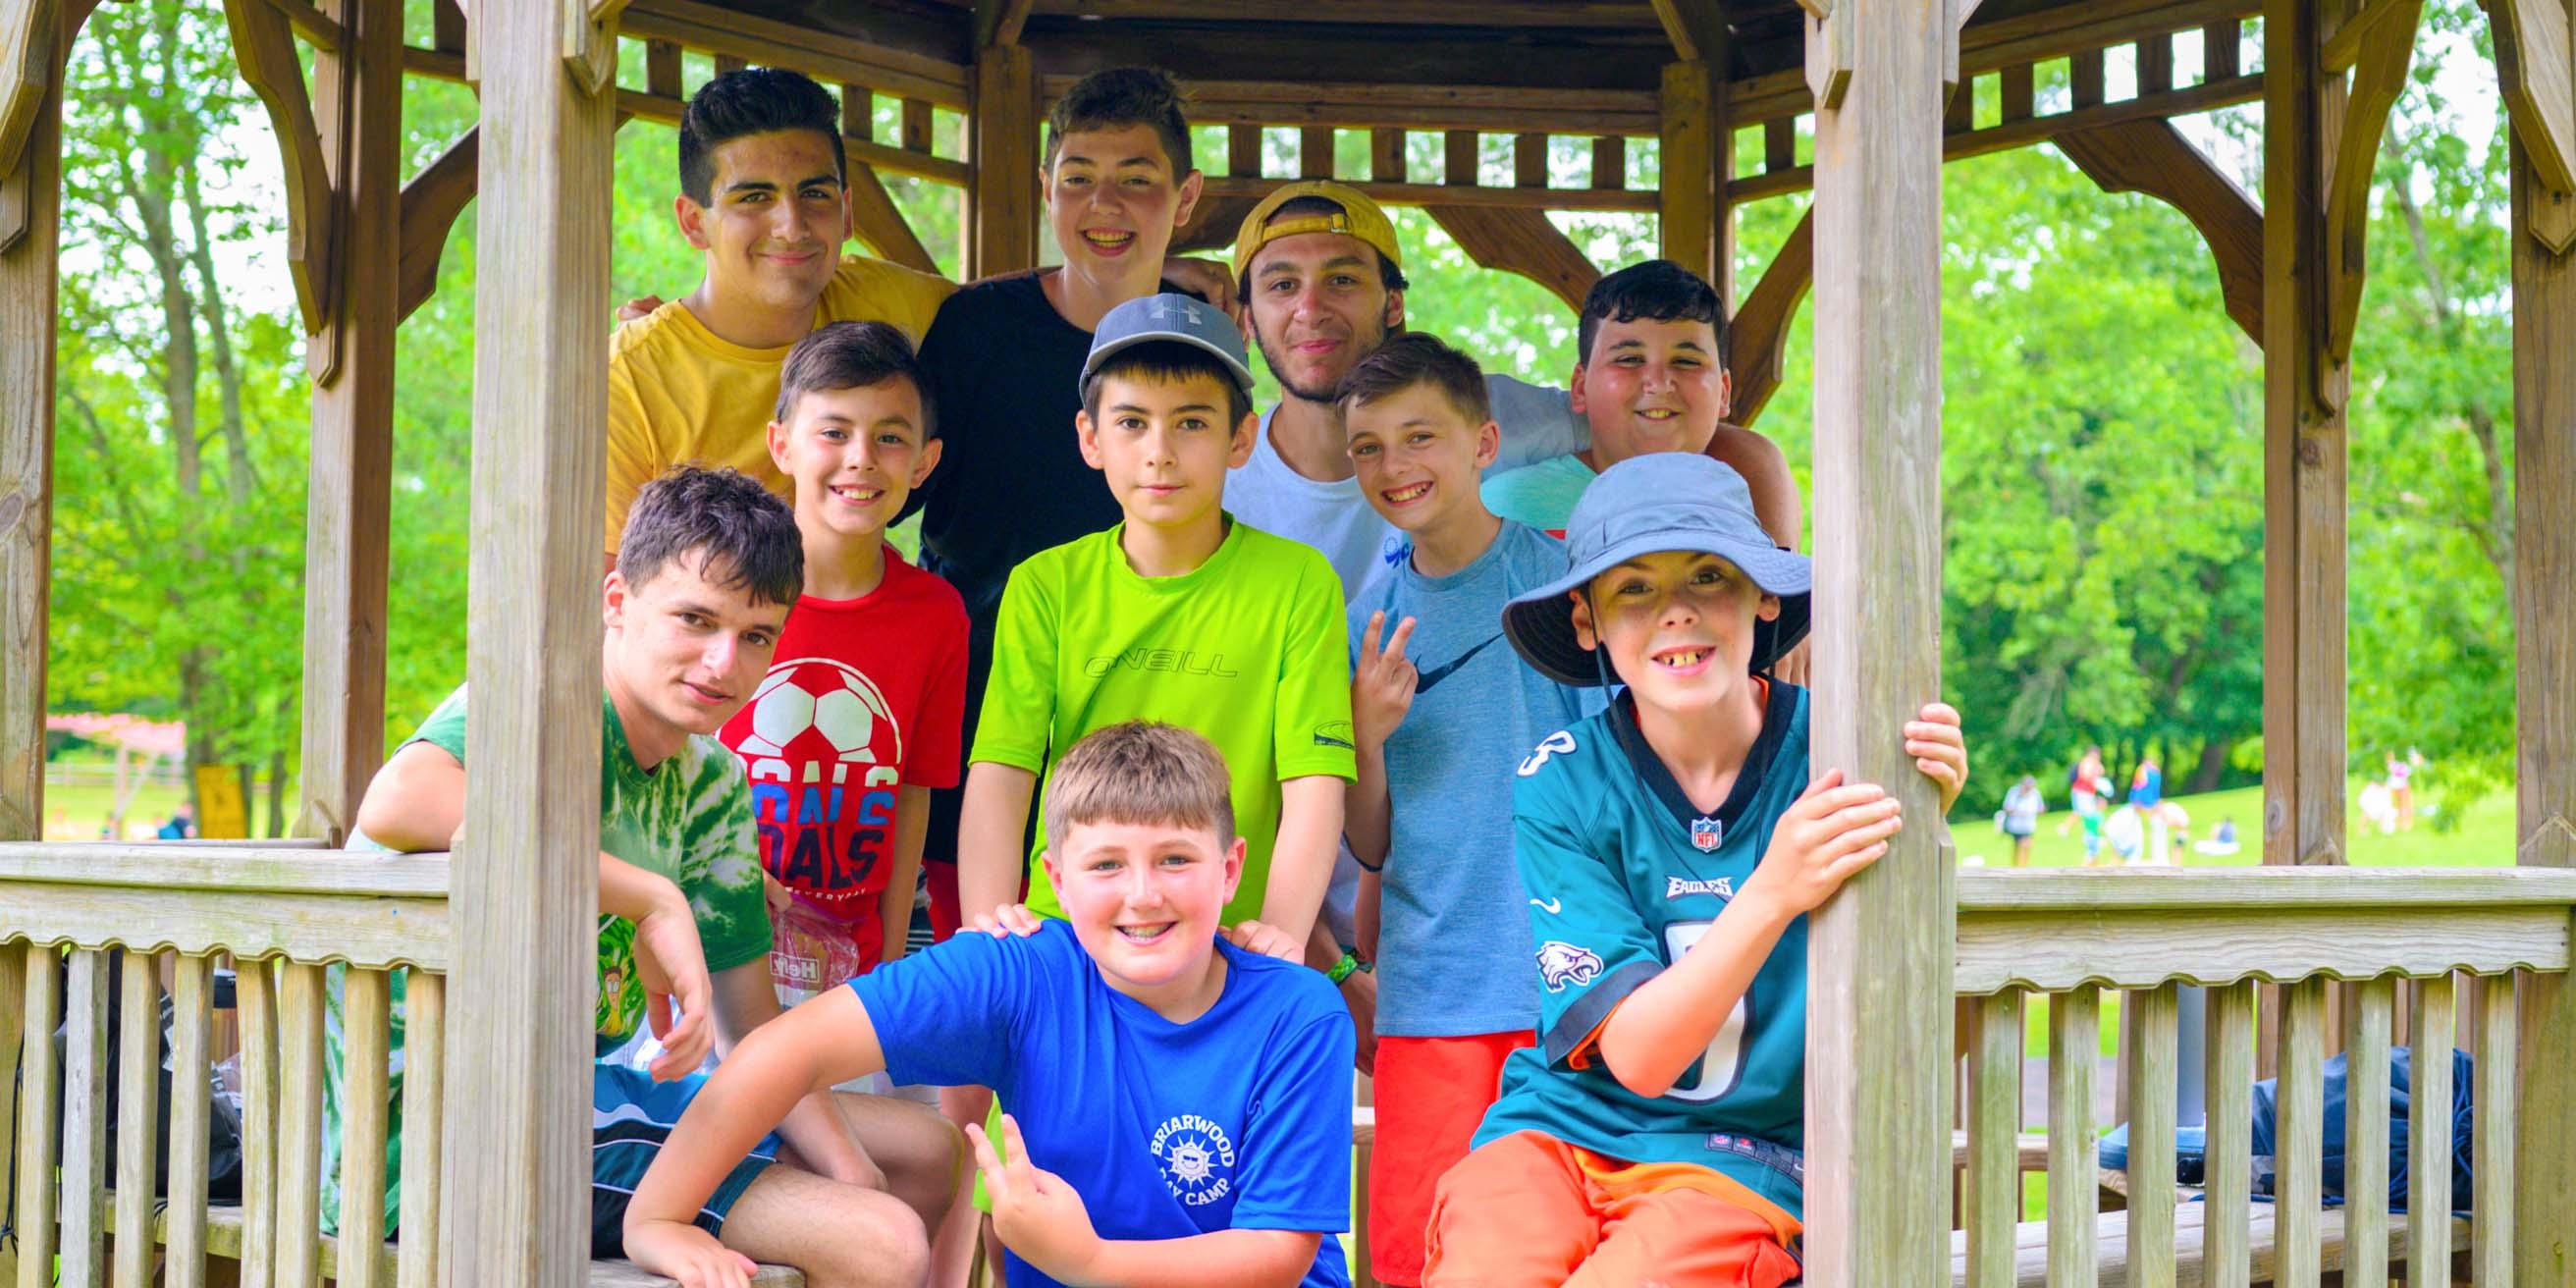 Boys in gazebo smiling